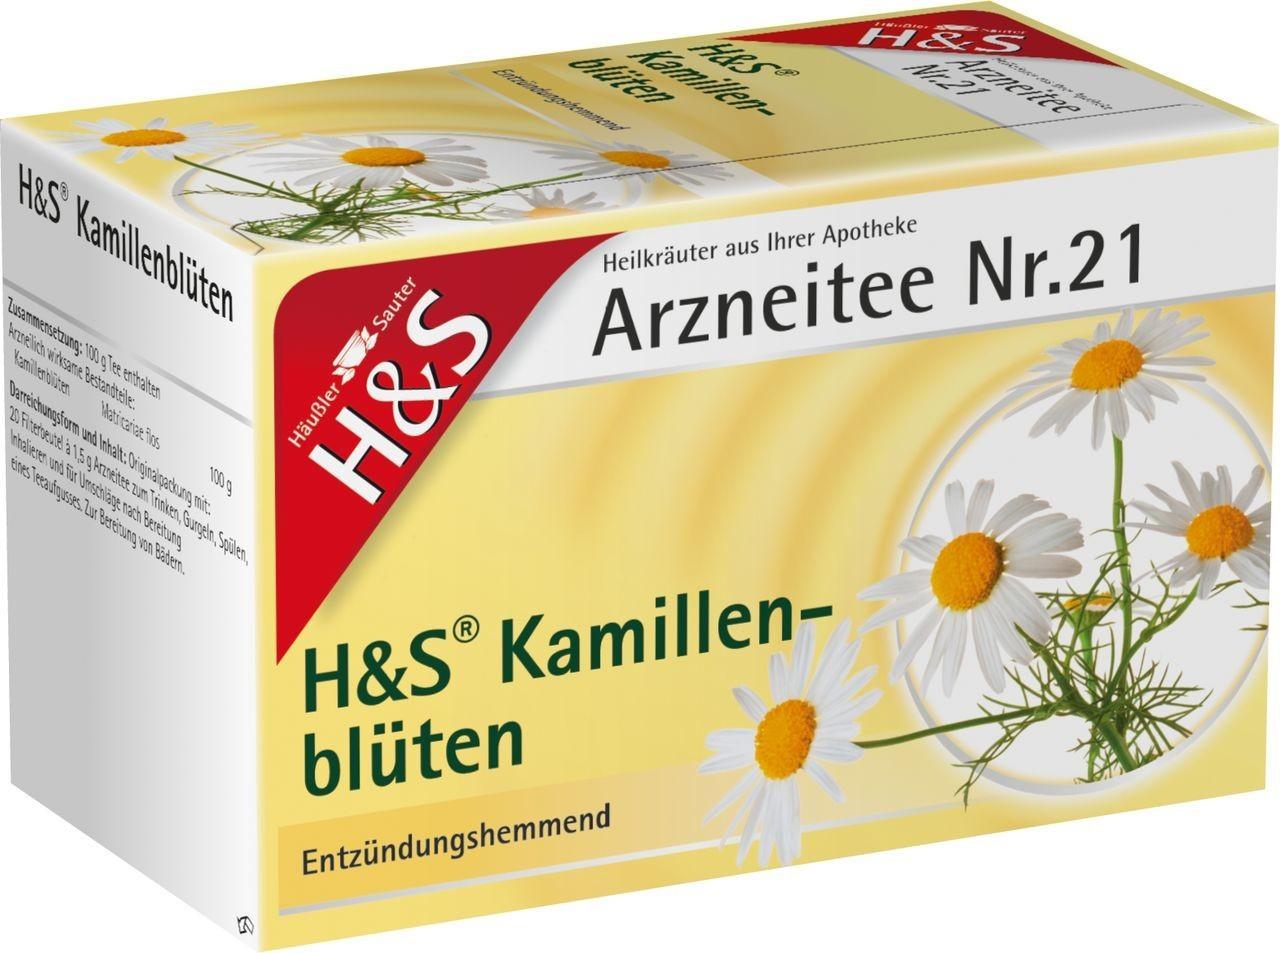 H&S Kamillenblüten Nr. 21 (20 Stk.)